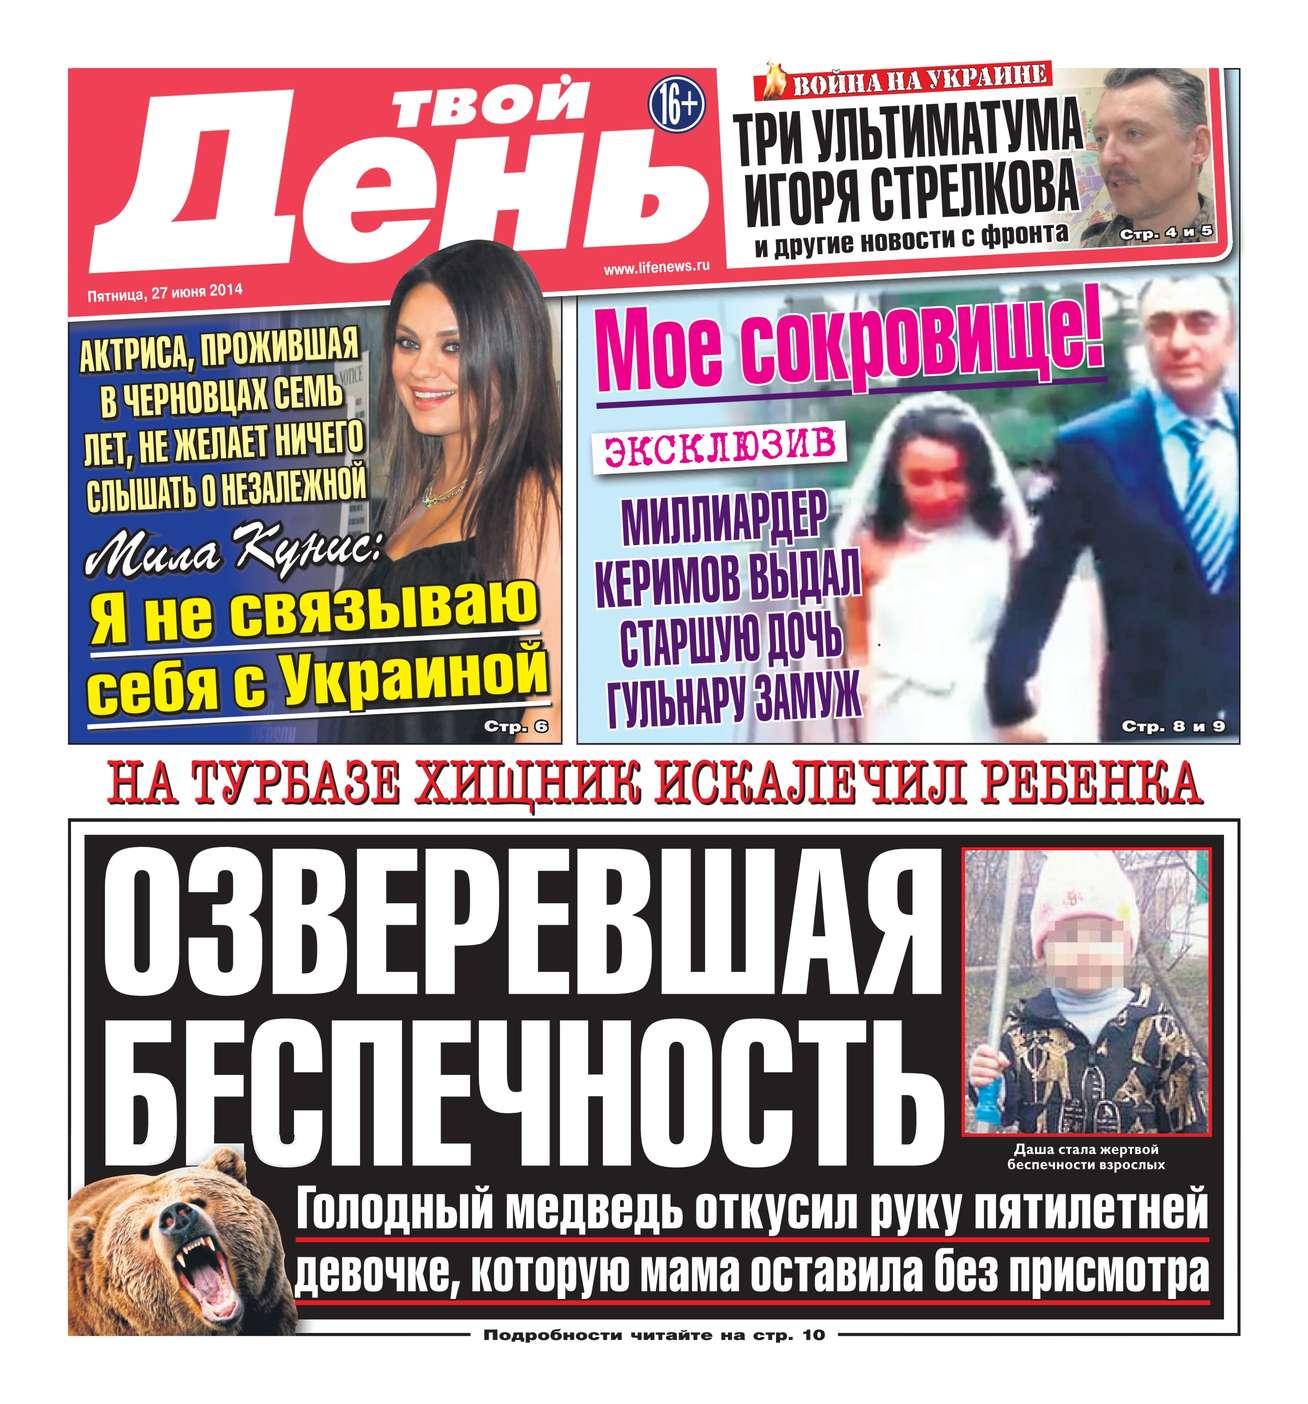 Редакция газеты Твой день Твой день 136-2014